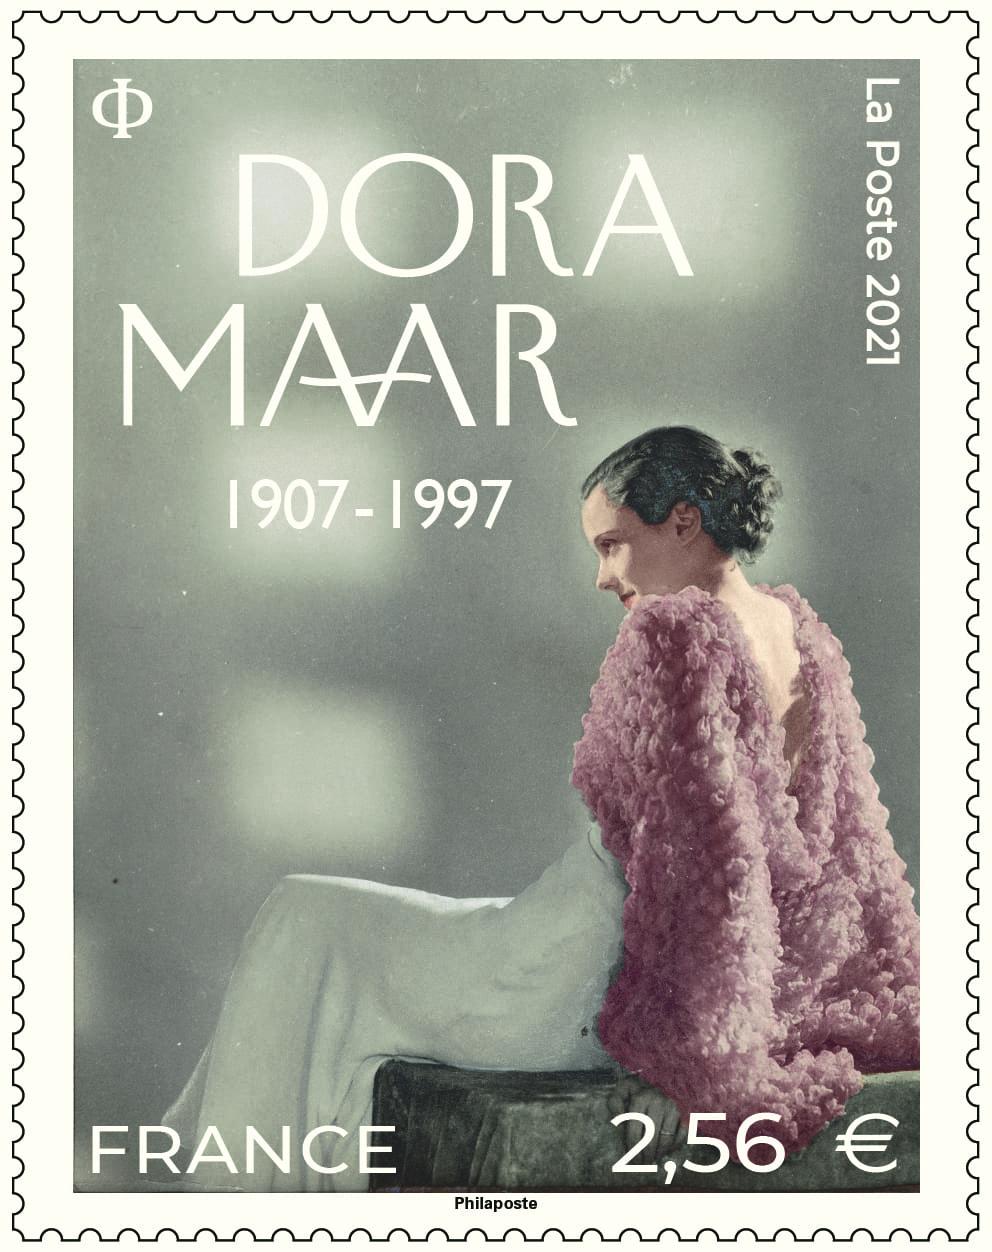 Dora MAAR 1907-1997